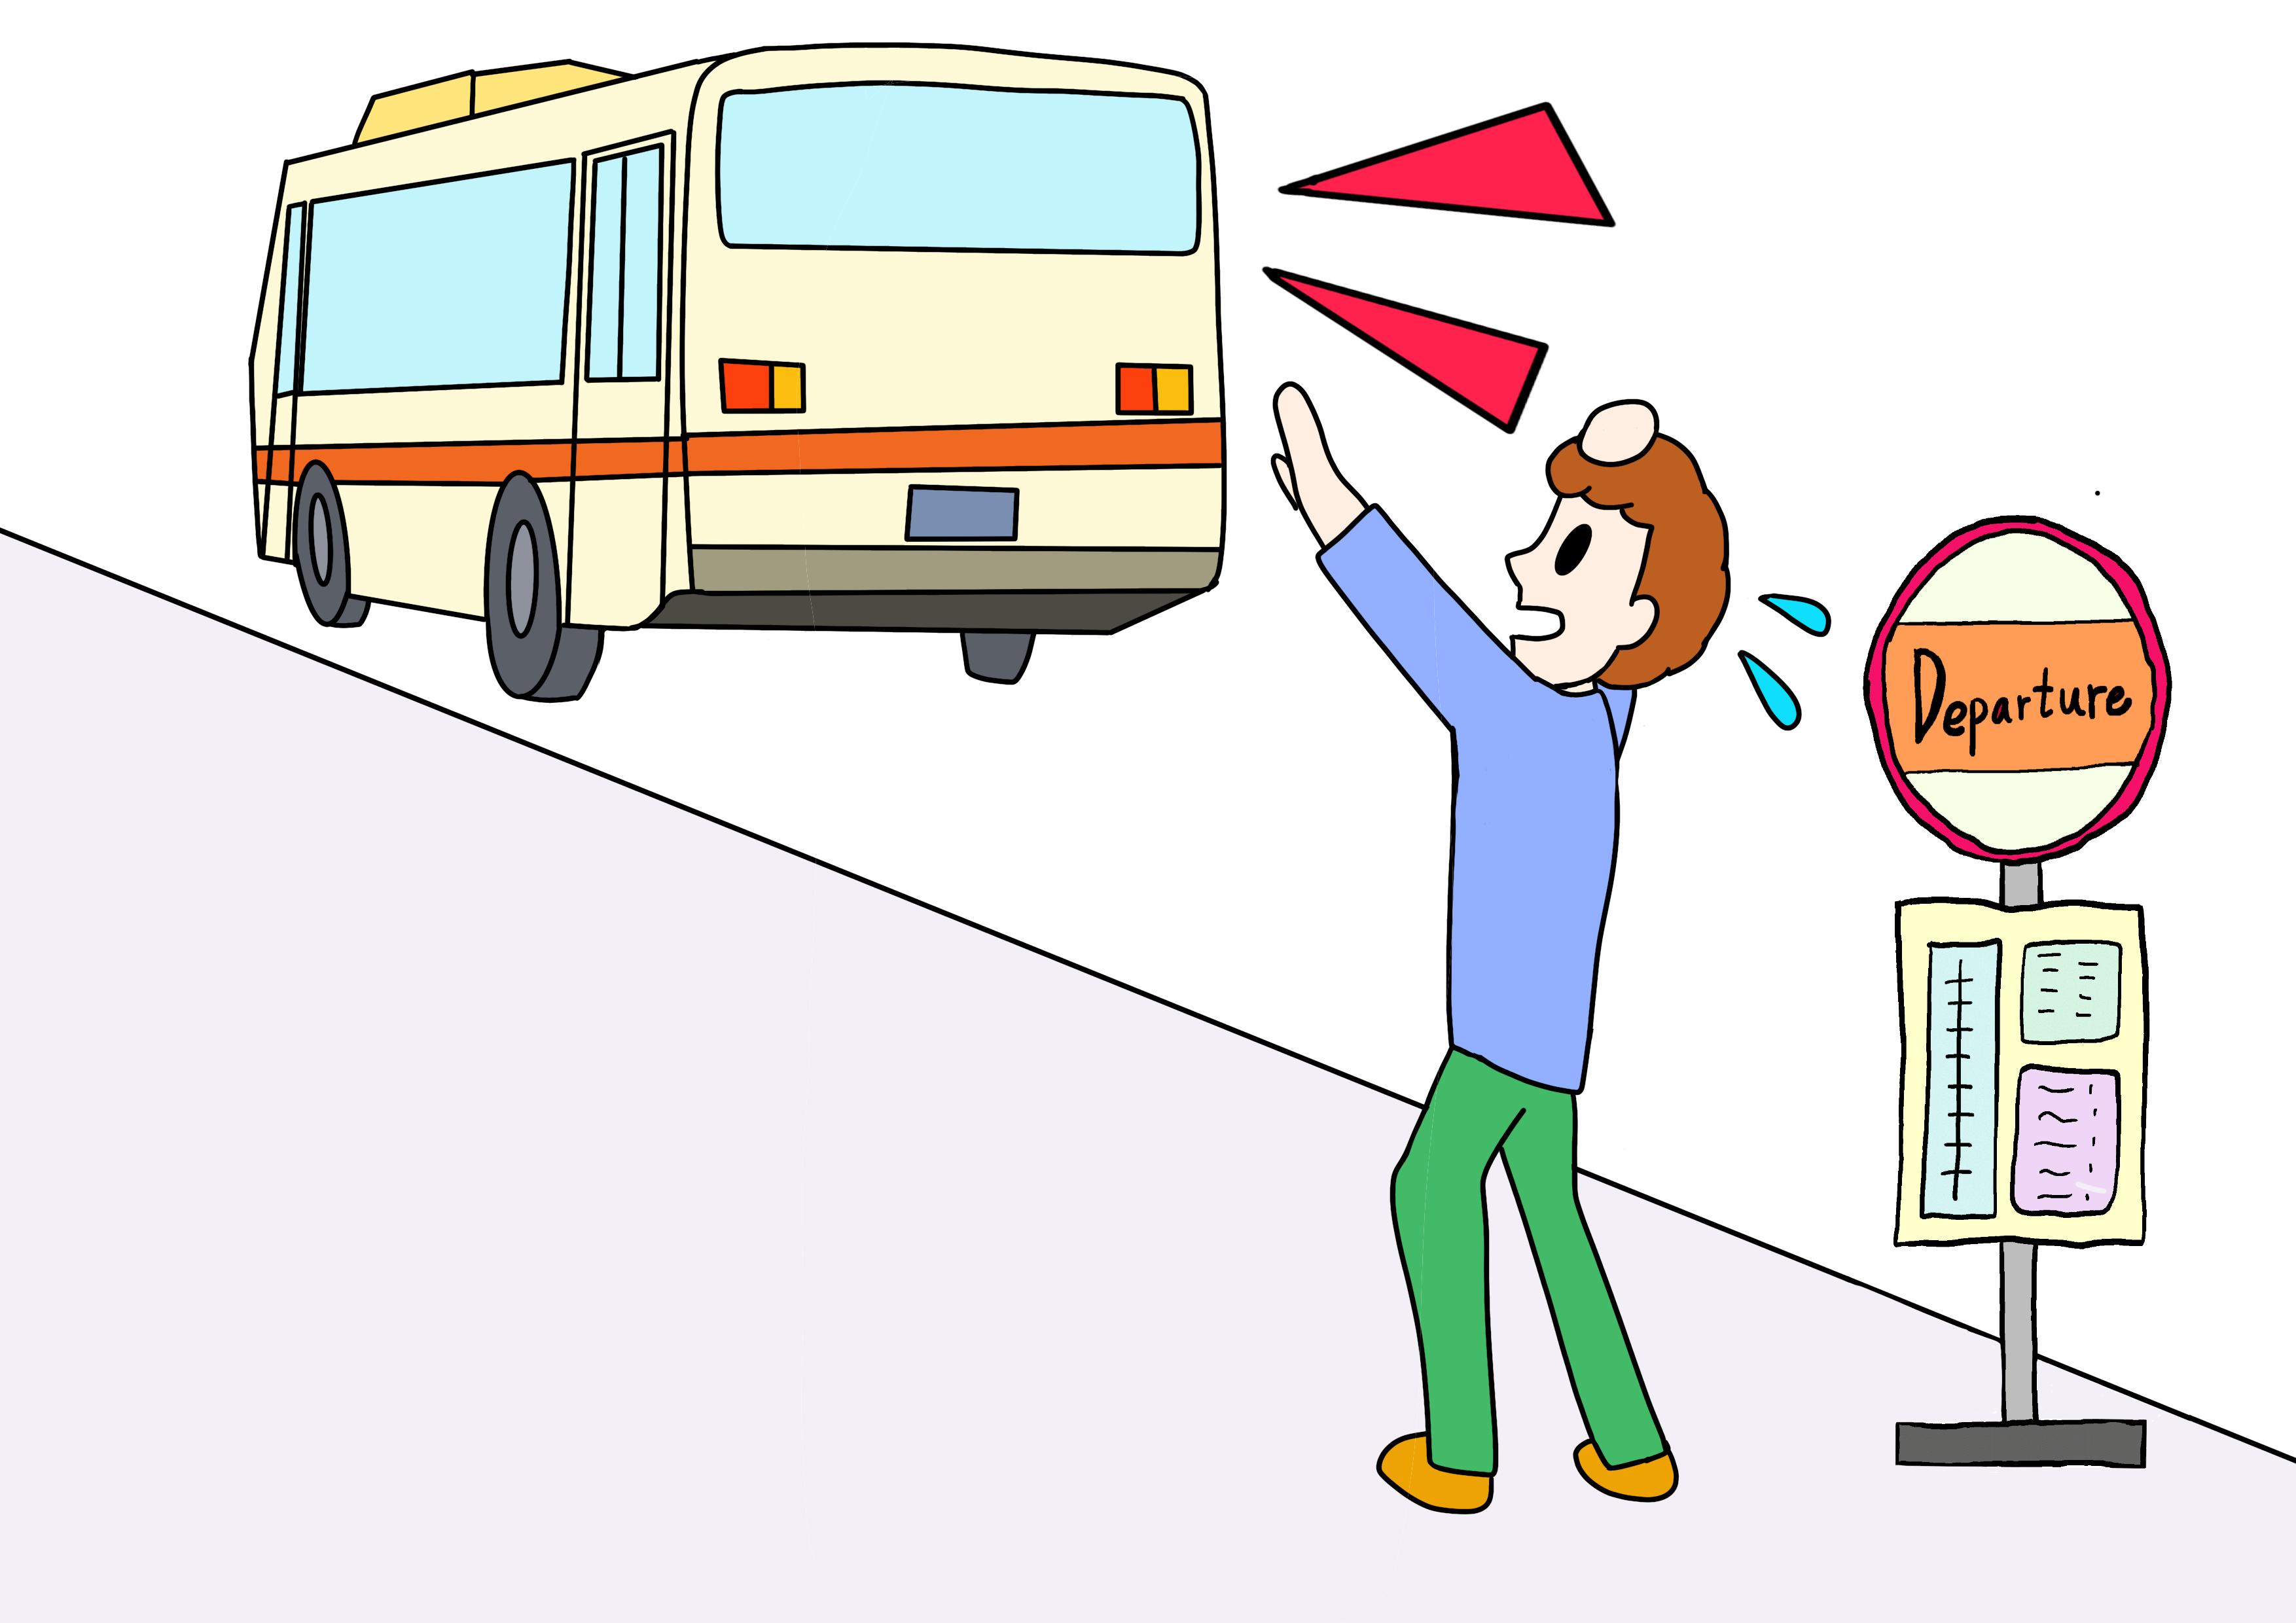 46課イラスト【バスが出る/乗り遅れる】